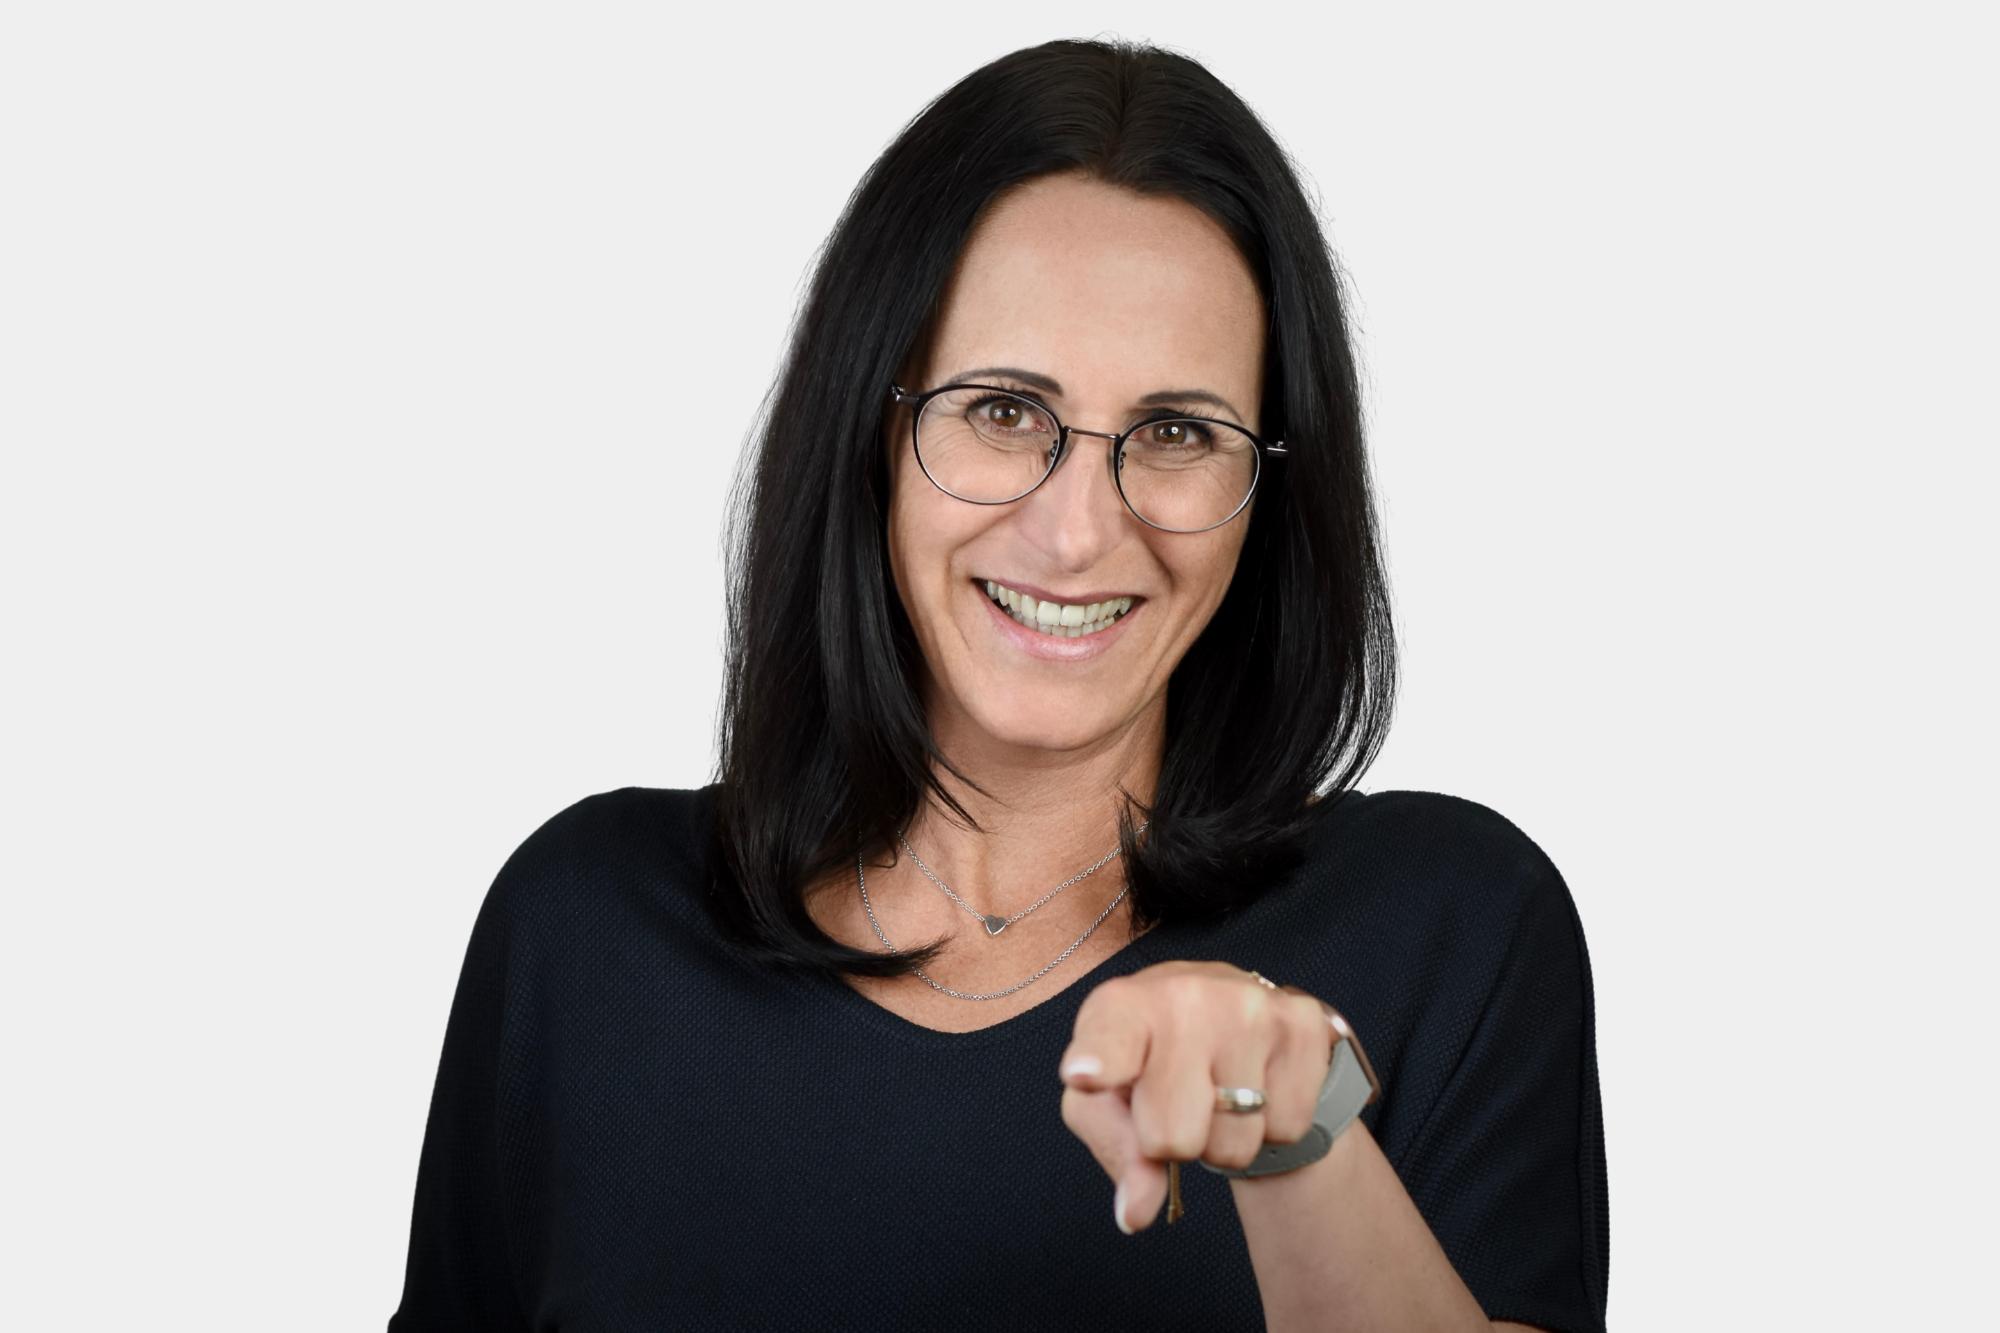 Matina Haacks Entspannungspädagogin und Gründerin von imFLUSSsein. Mehr Gelassenheit, weniger Stress.